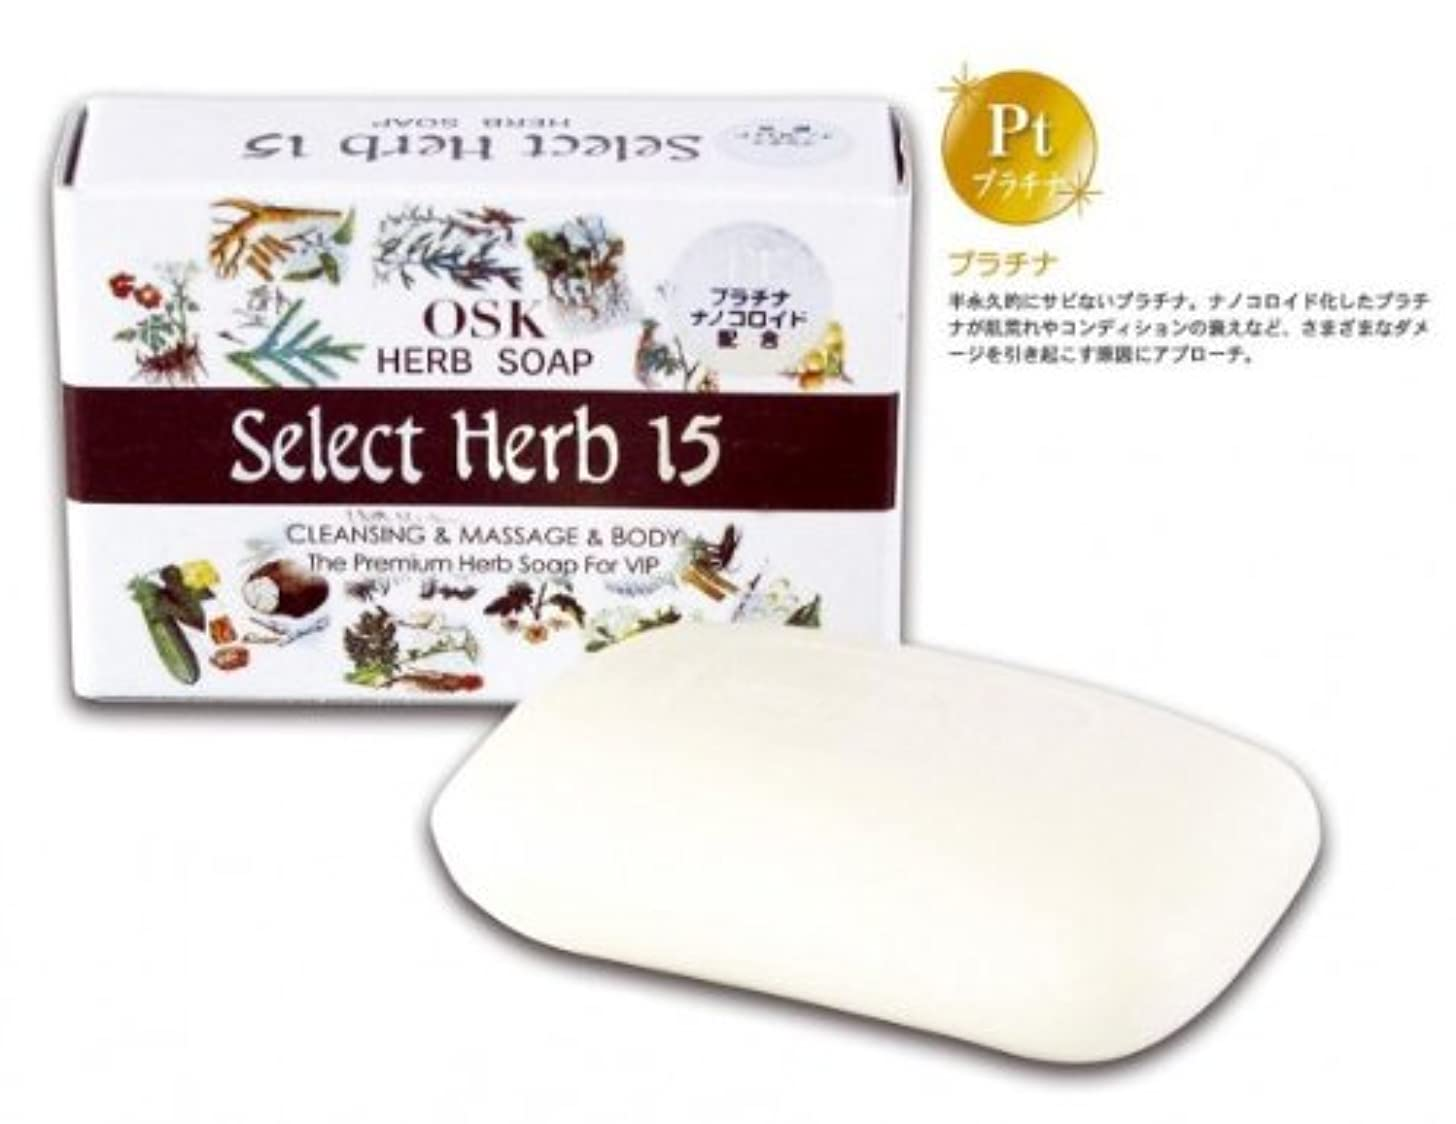 テクトニック国籍キャンベラNEW OSK SOAP SelectHerb15(ニューオーエスケーソープセレクトハーブ15)135g